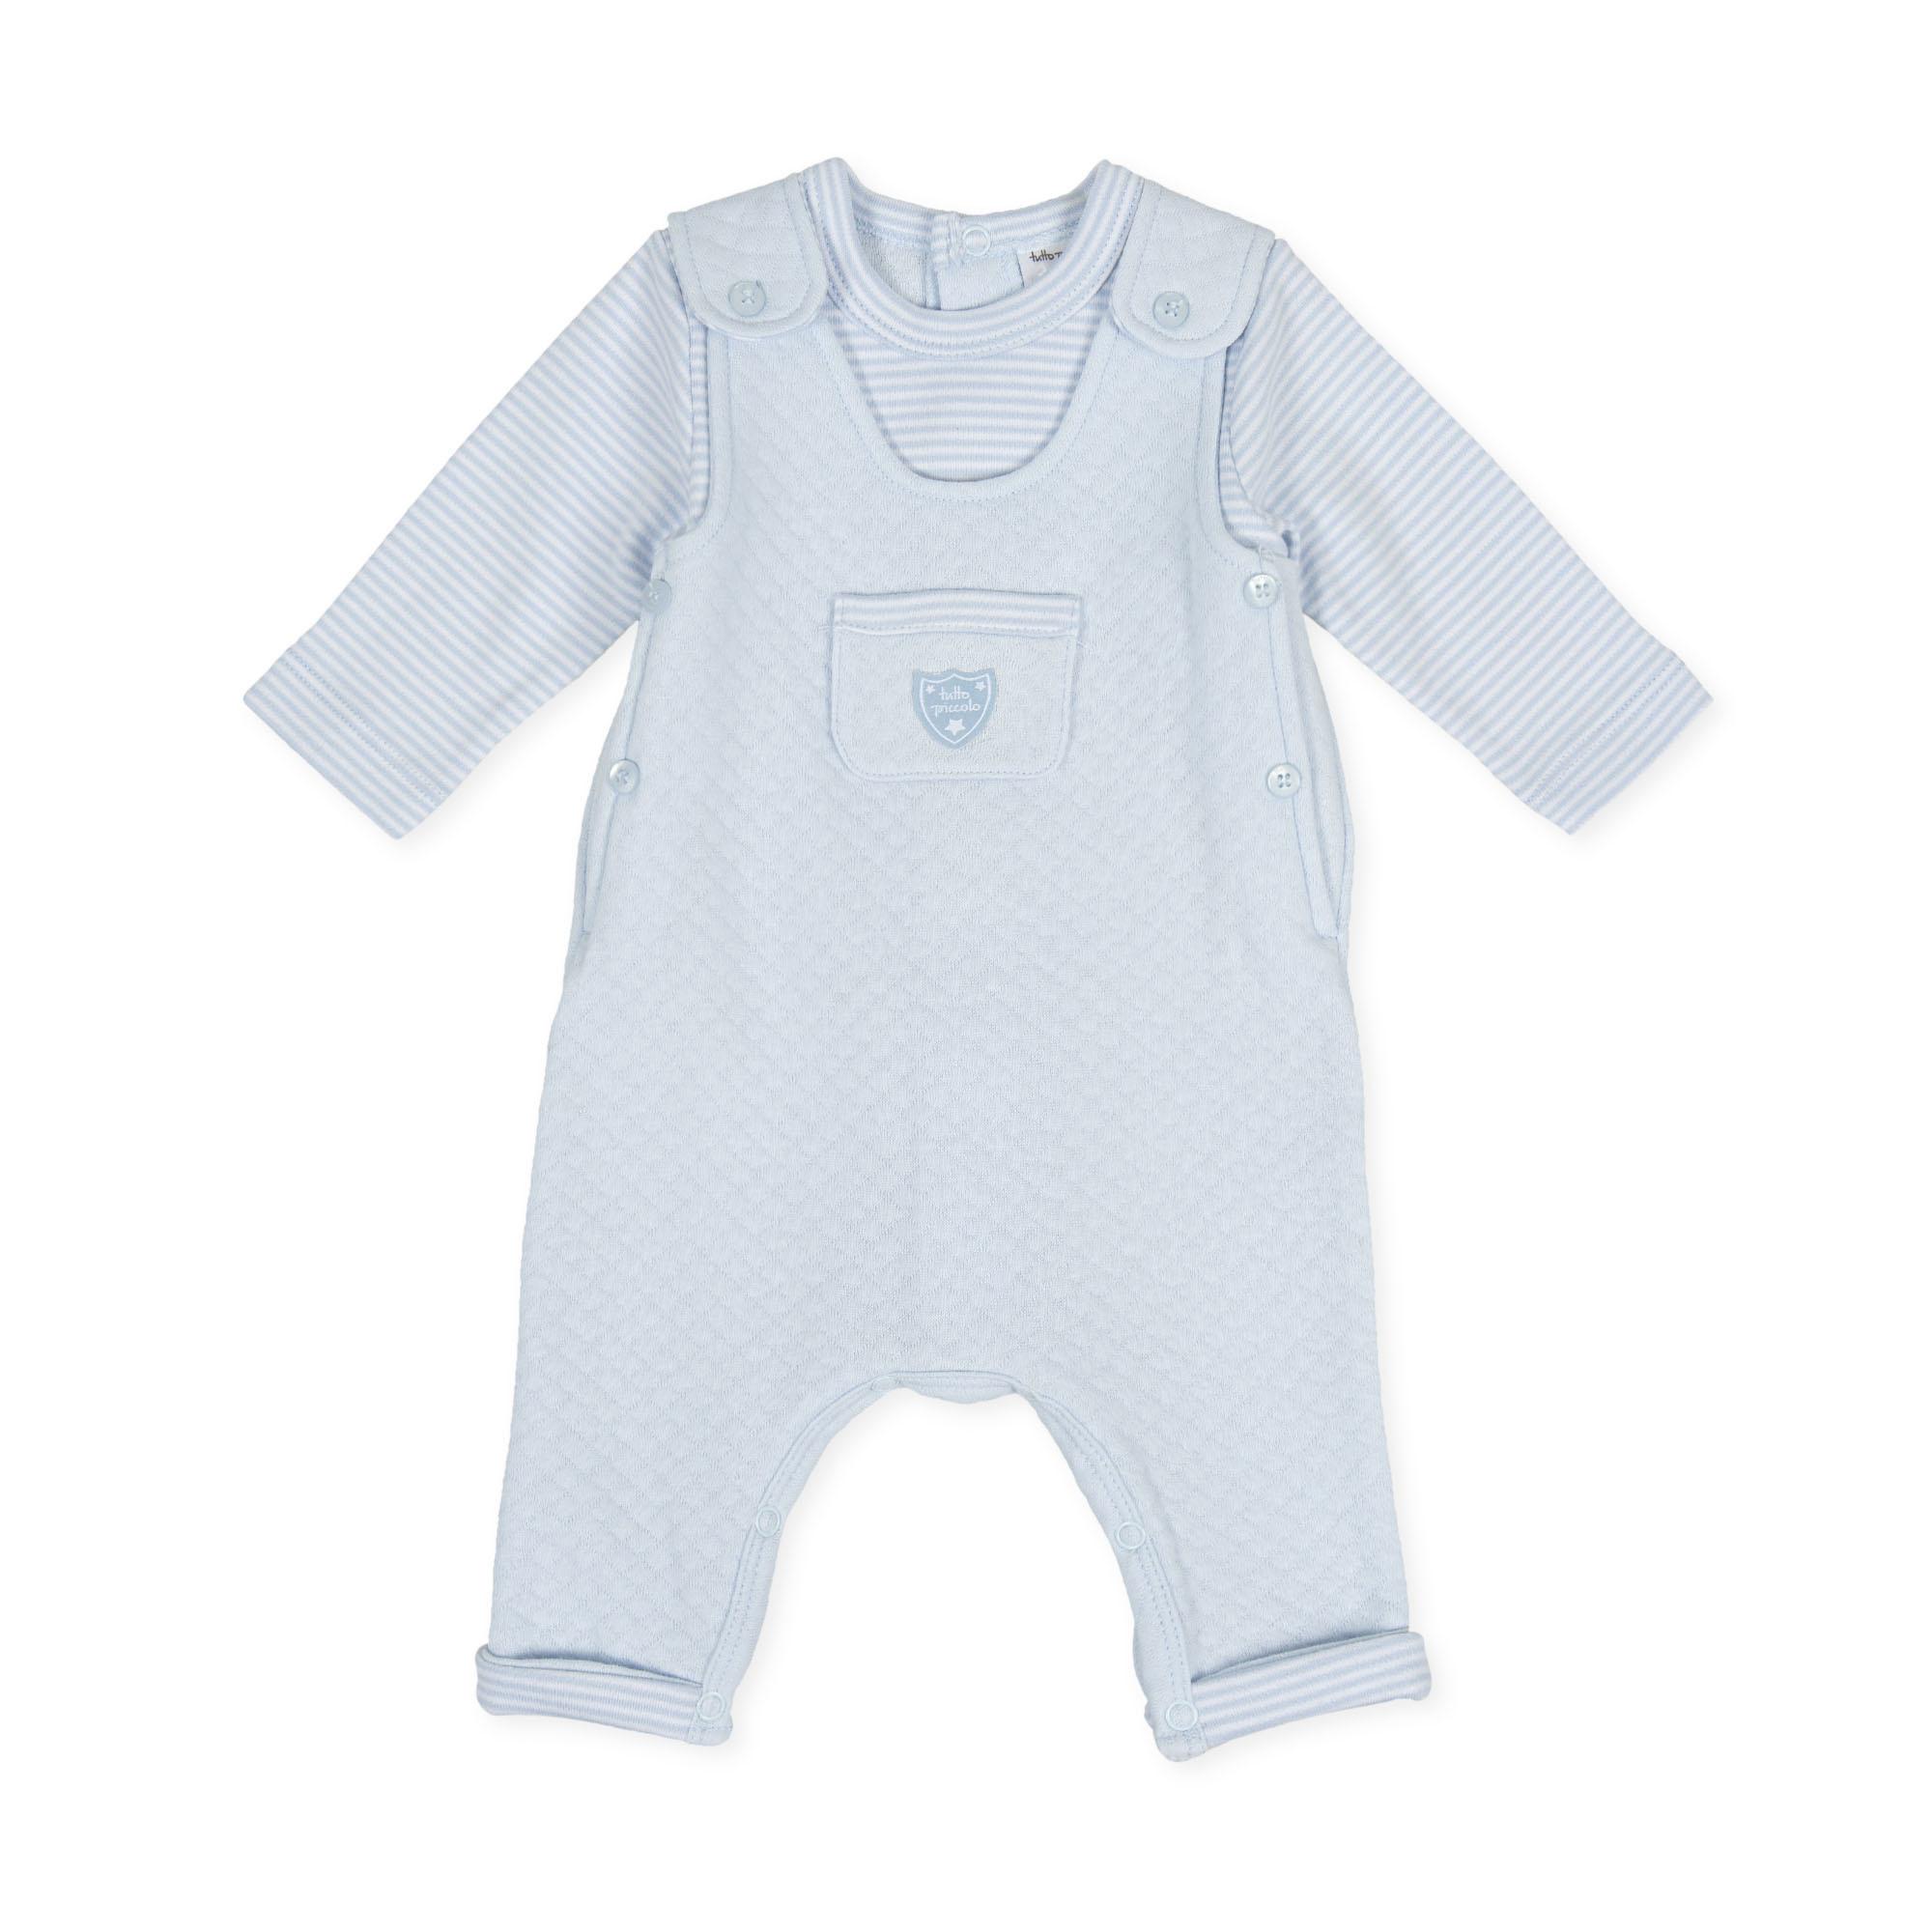 Tutto Piccolo Tutto Piccolo 9087 Blue  Babygrow with Front Pocket